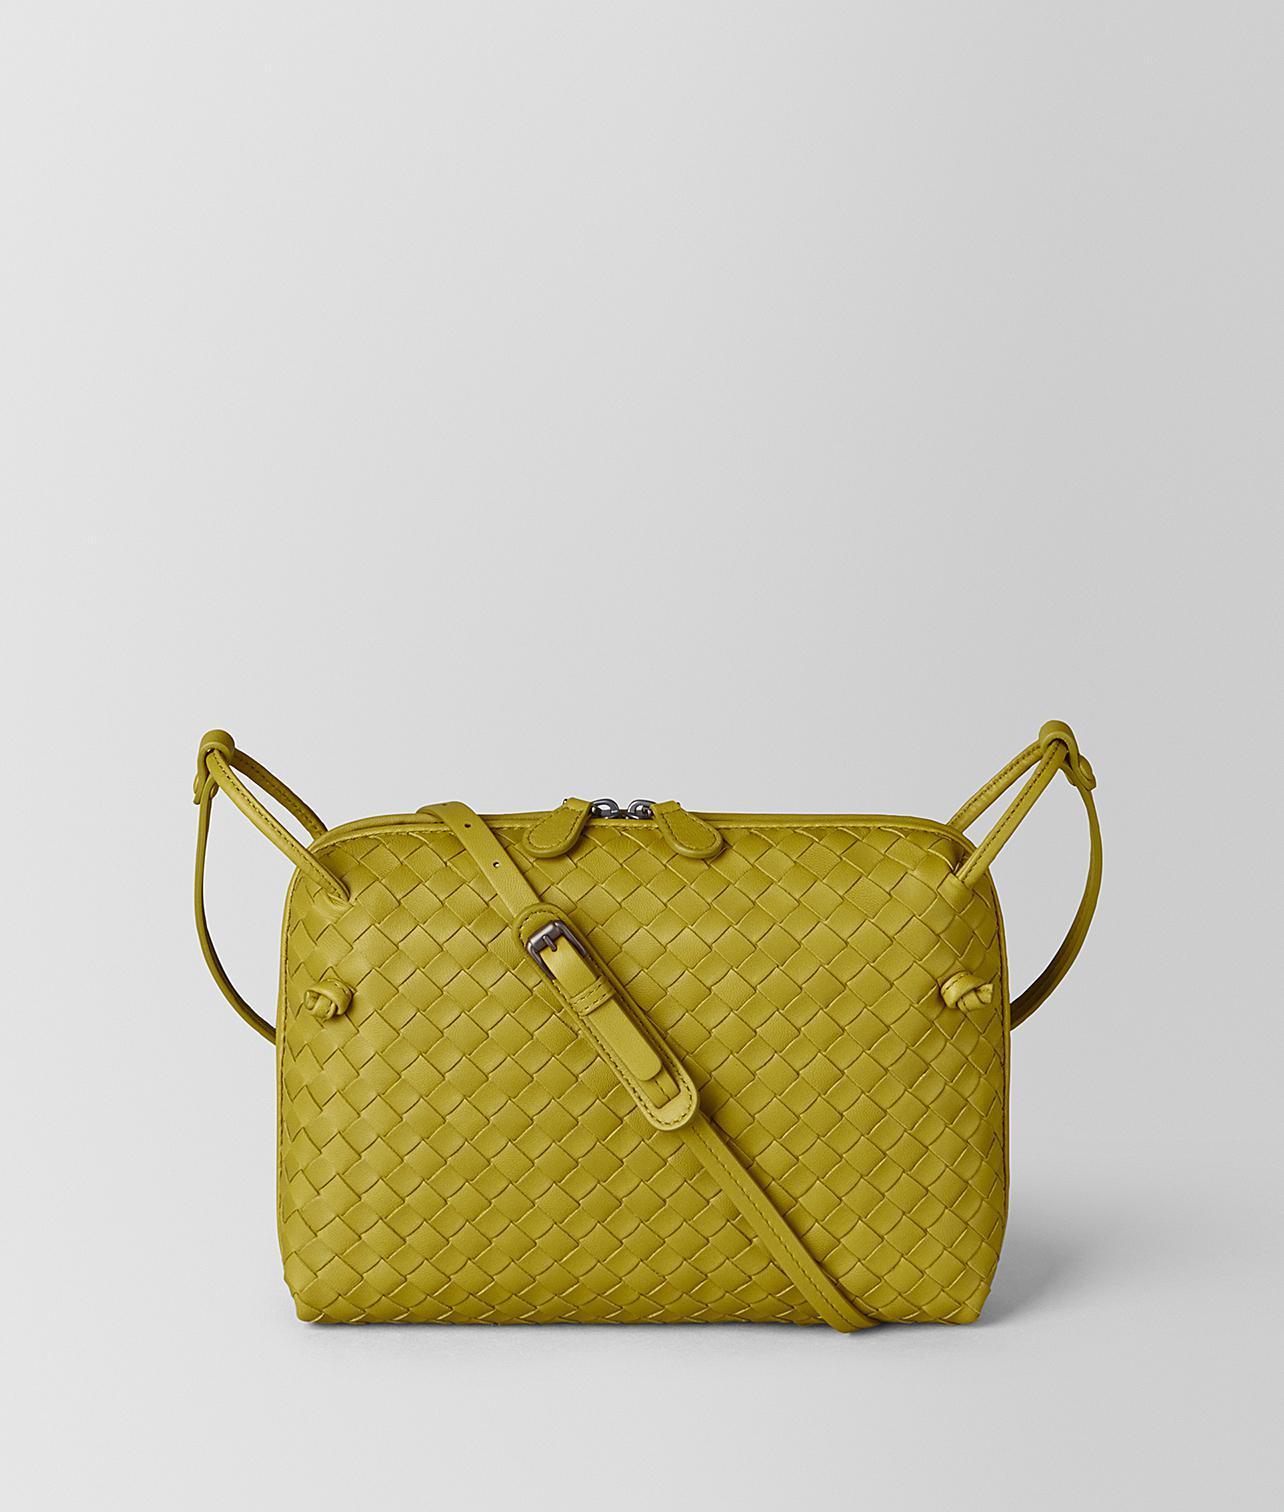 Bottega Veneta - Multicolor Nero Intrecciato Nappa Leather Nodini Bag - Lyst e9cf2a9715e26